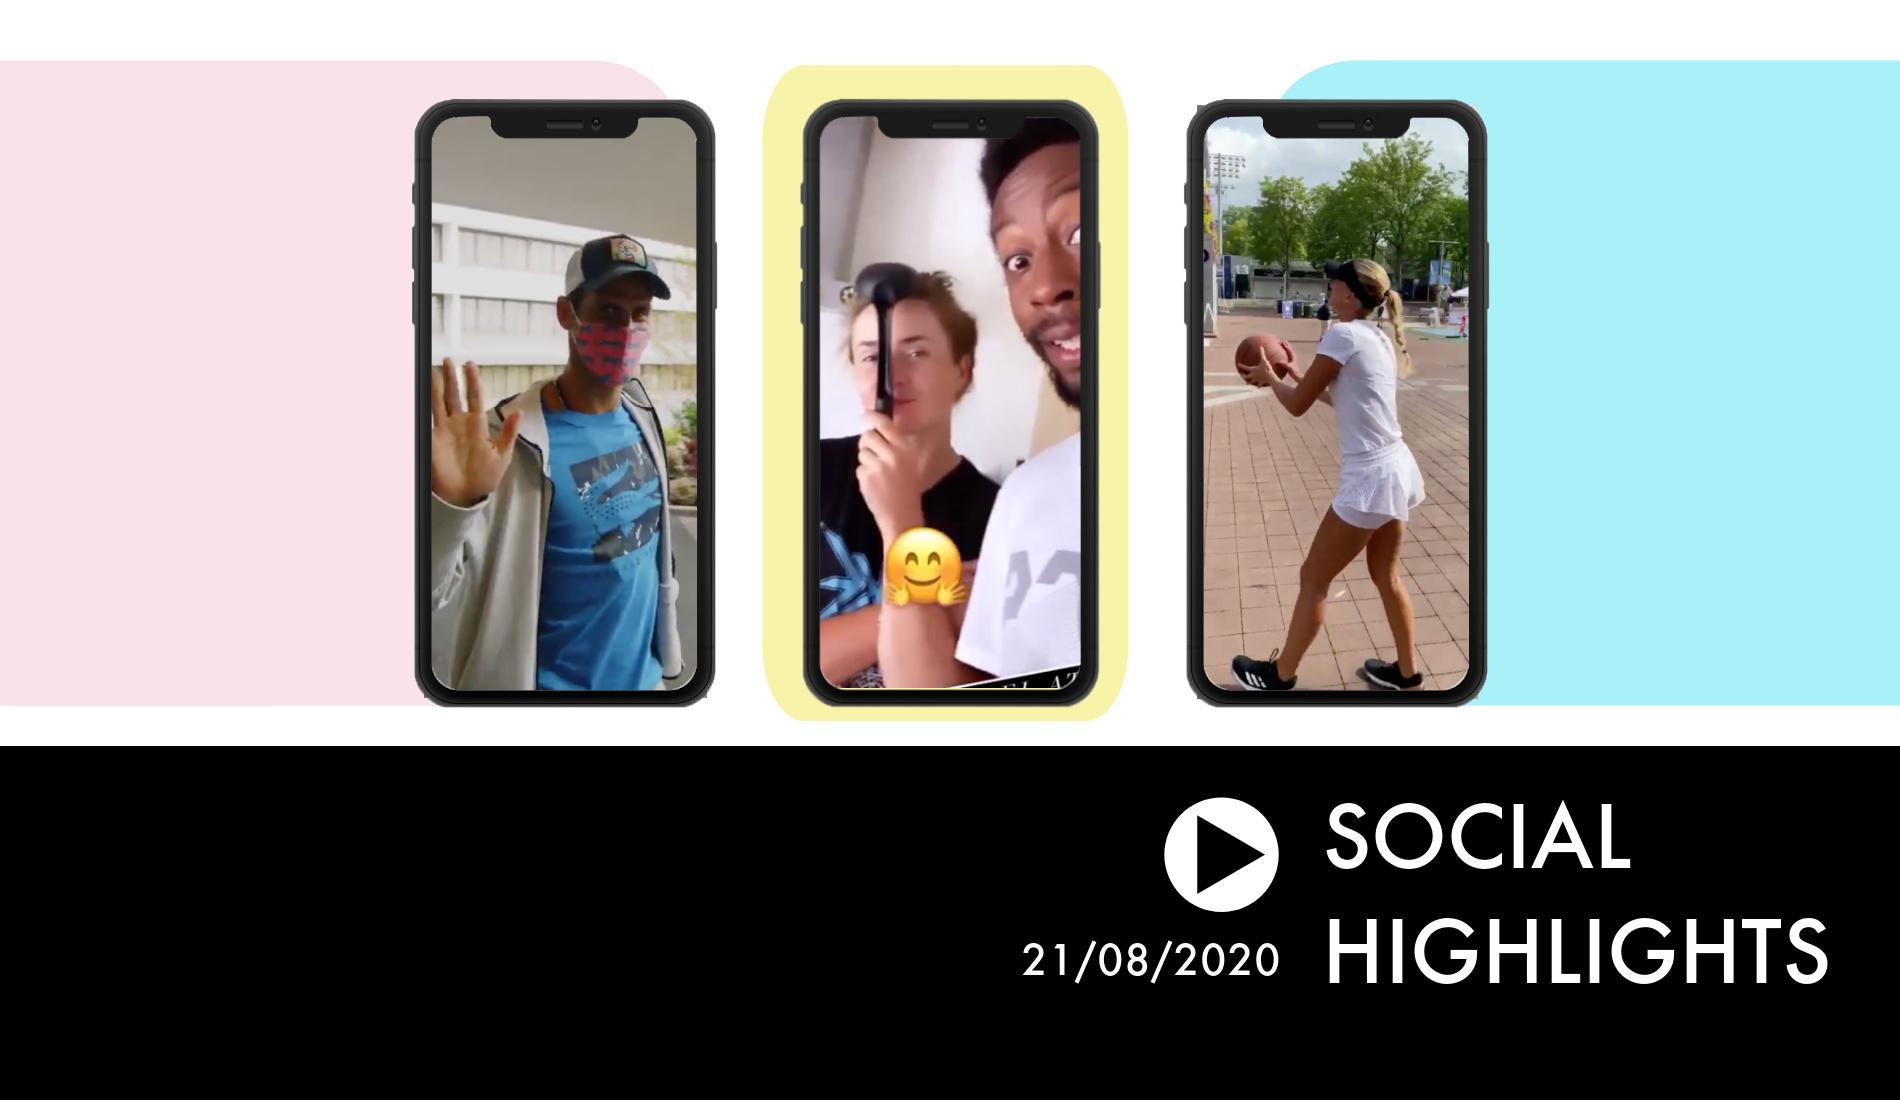 Social Highlights 21.08.2020